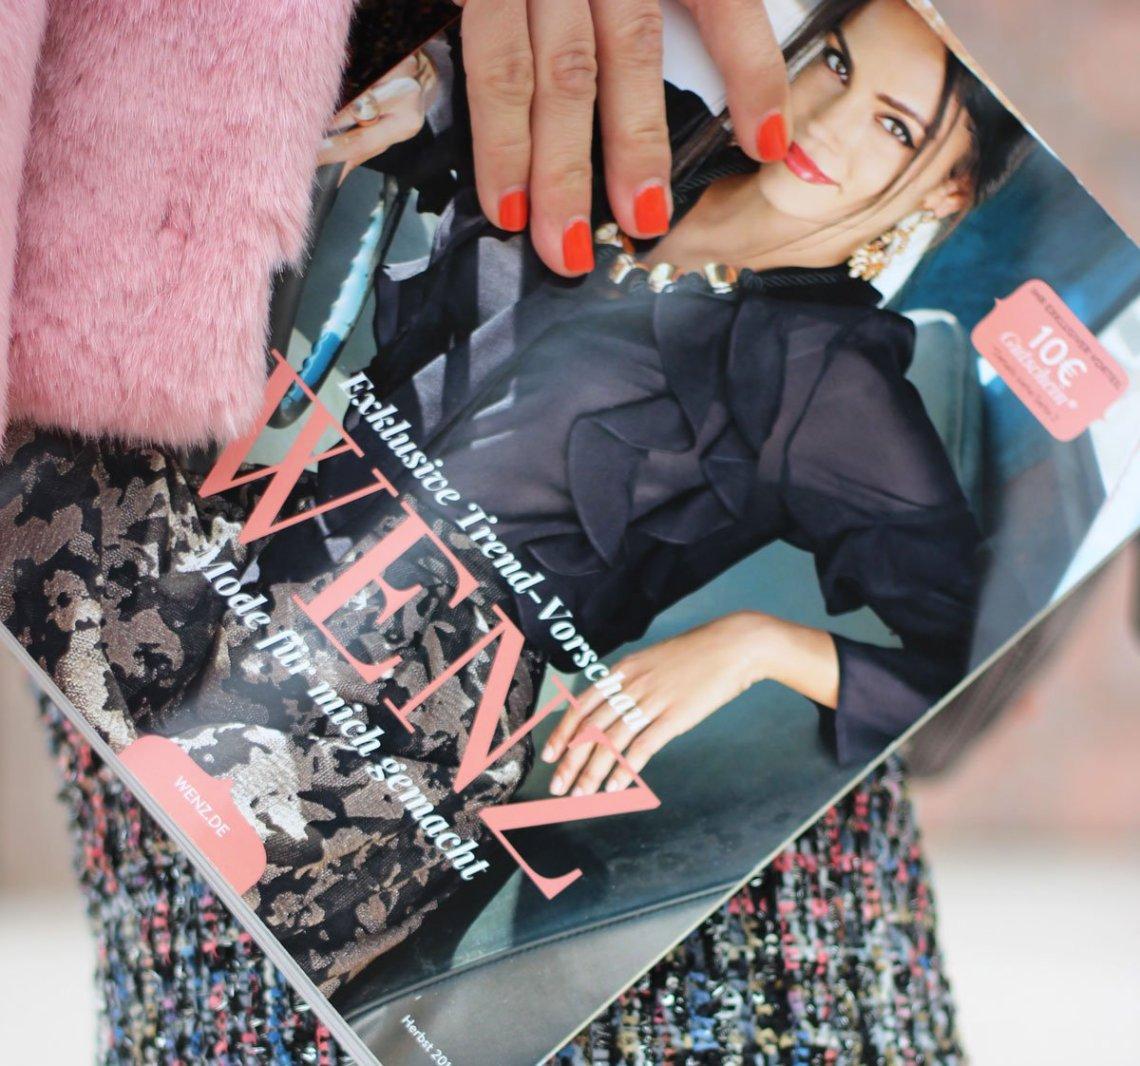 Conny Doll Lifestyle: WENZ, Herbstkollektion 2018 mit Amy Vermont, Kostüm, Chanelstil, Gehrock, schick, casual, Pumps, Sneaker, Business, Freizeit, Details, Katalog